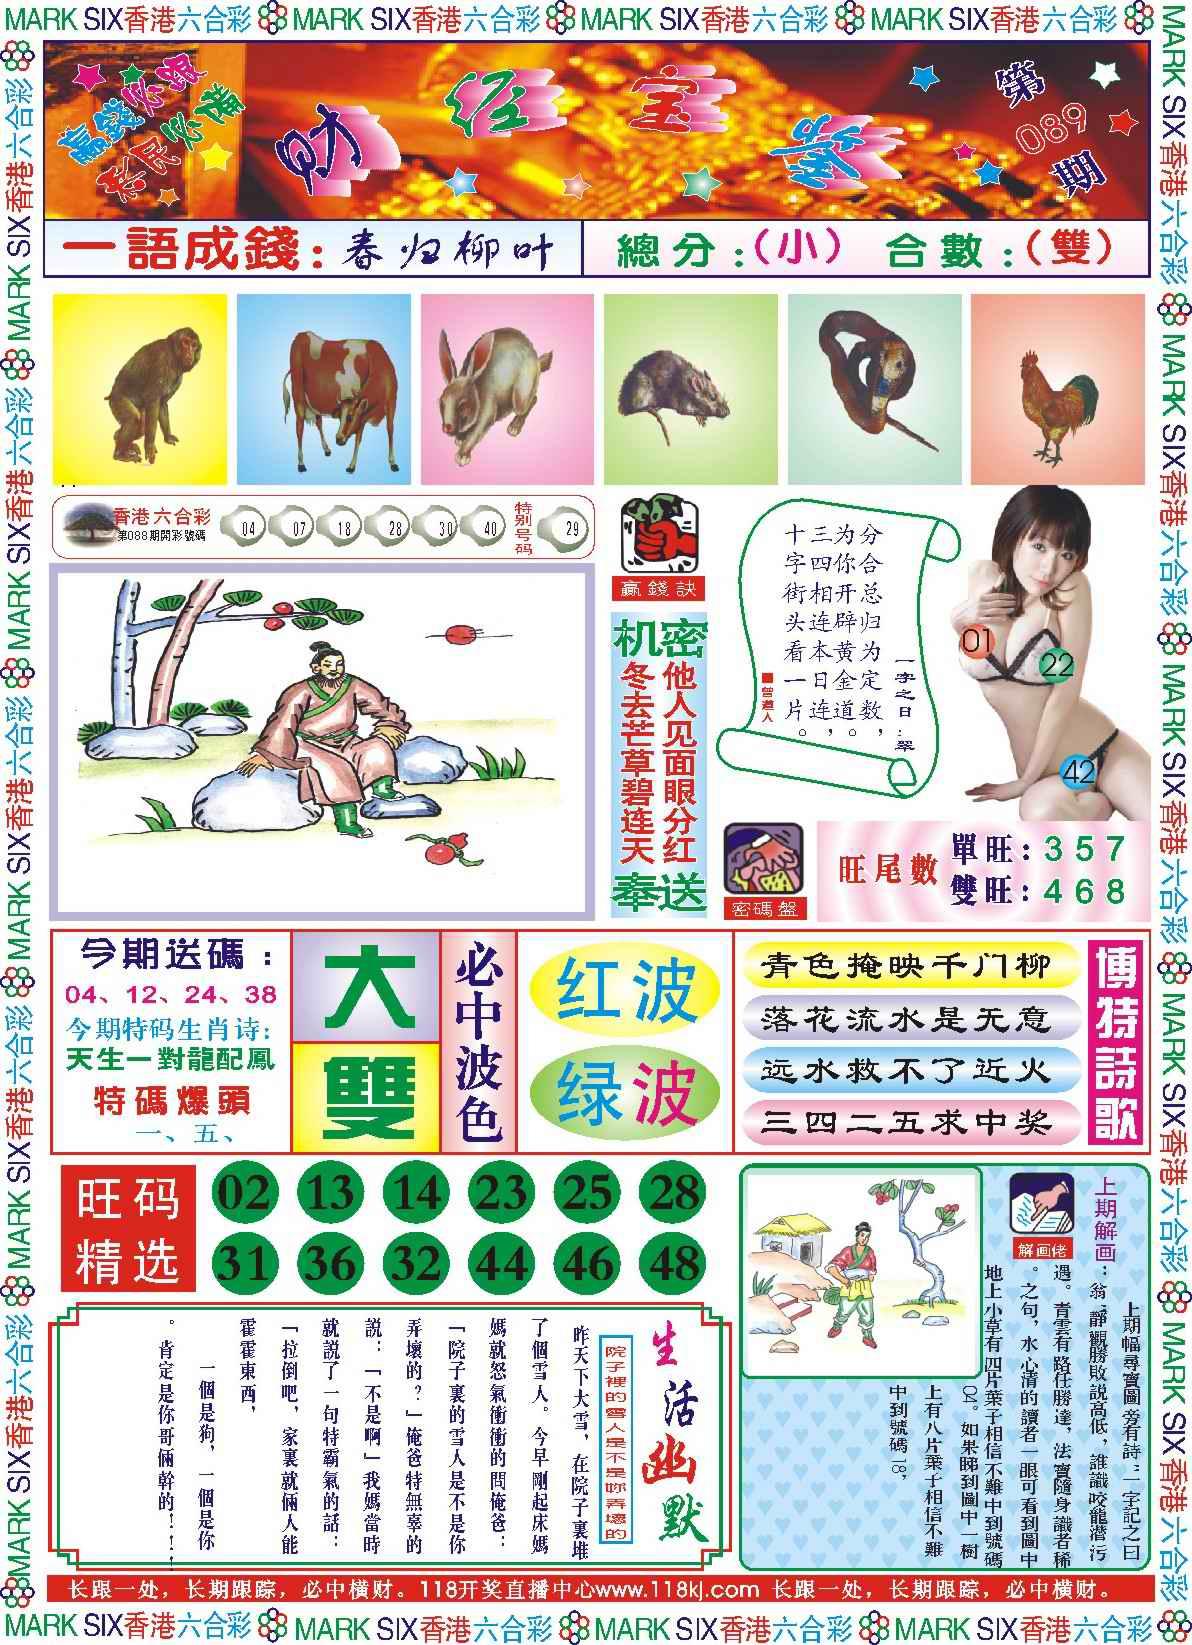 089期118财经宝鉴(新图)